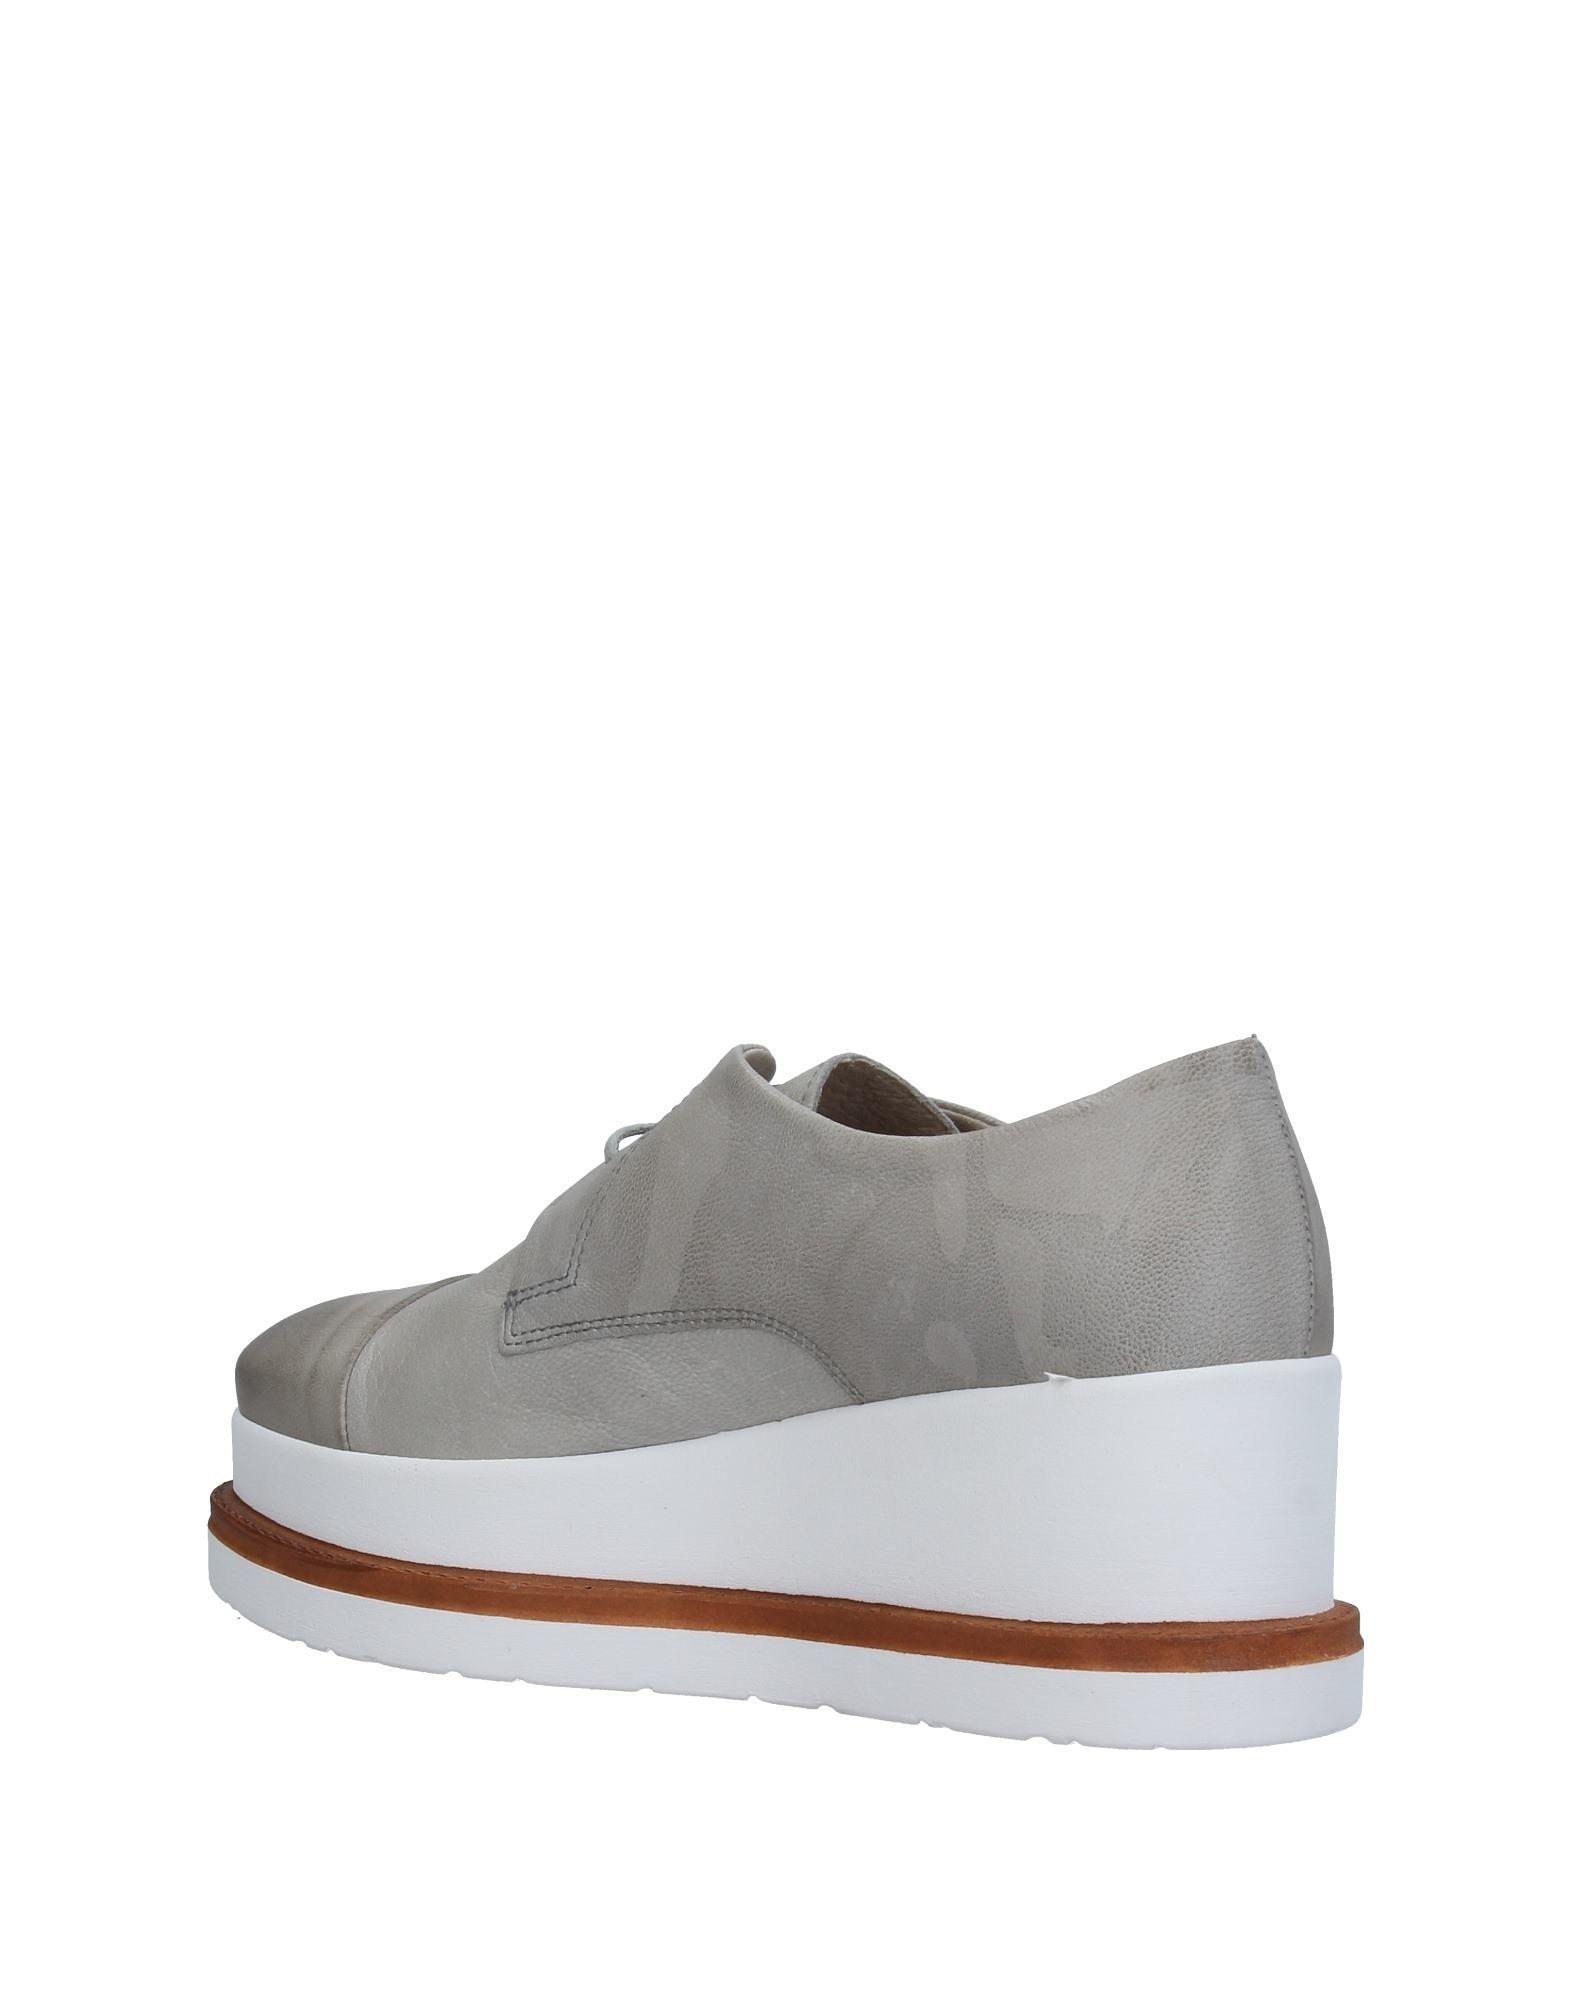 Chaussures À Lacets Tsd12 Femme - Chaussures À Lacets Tsd12 sur